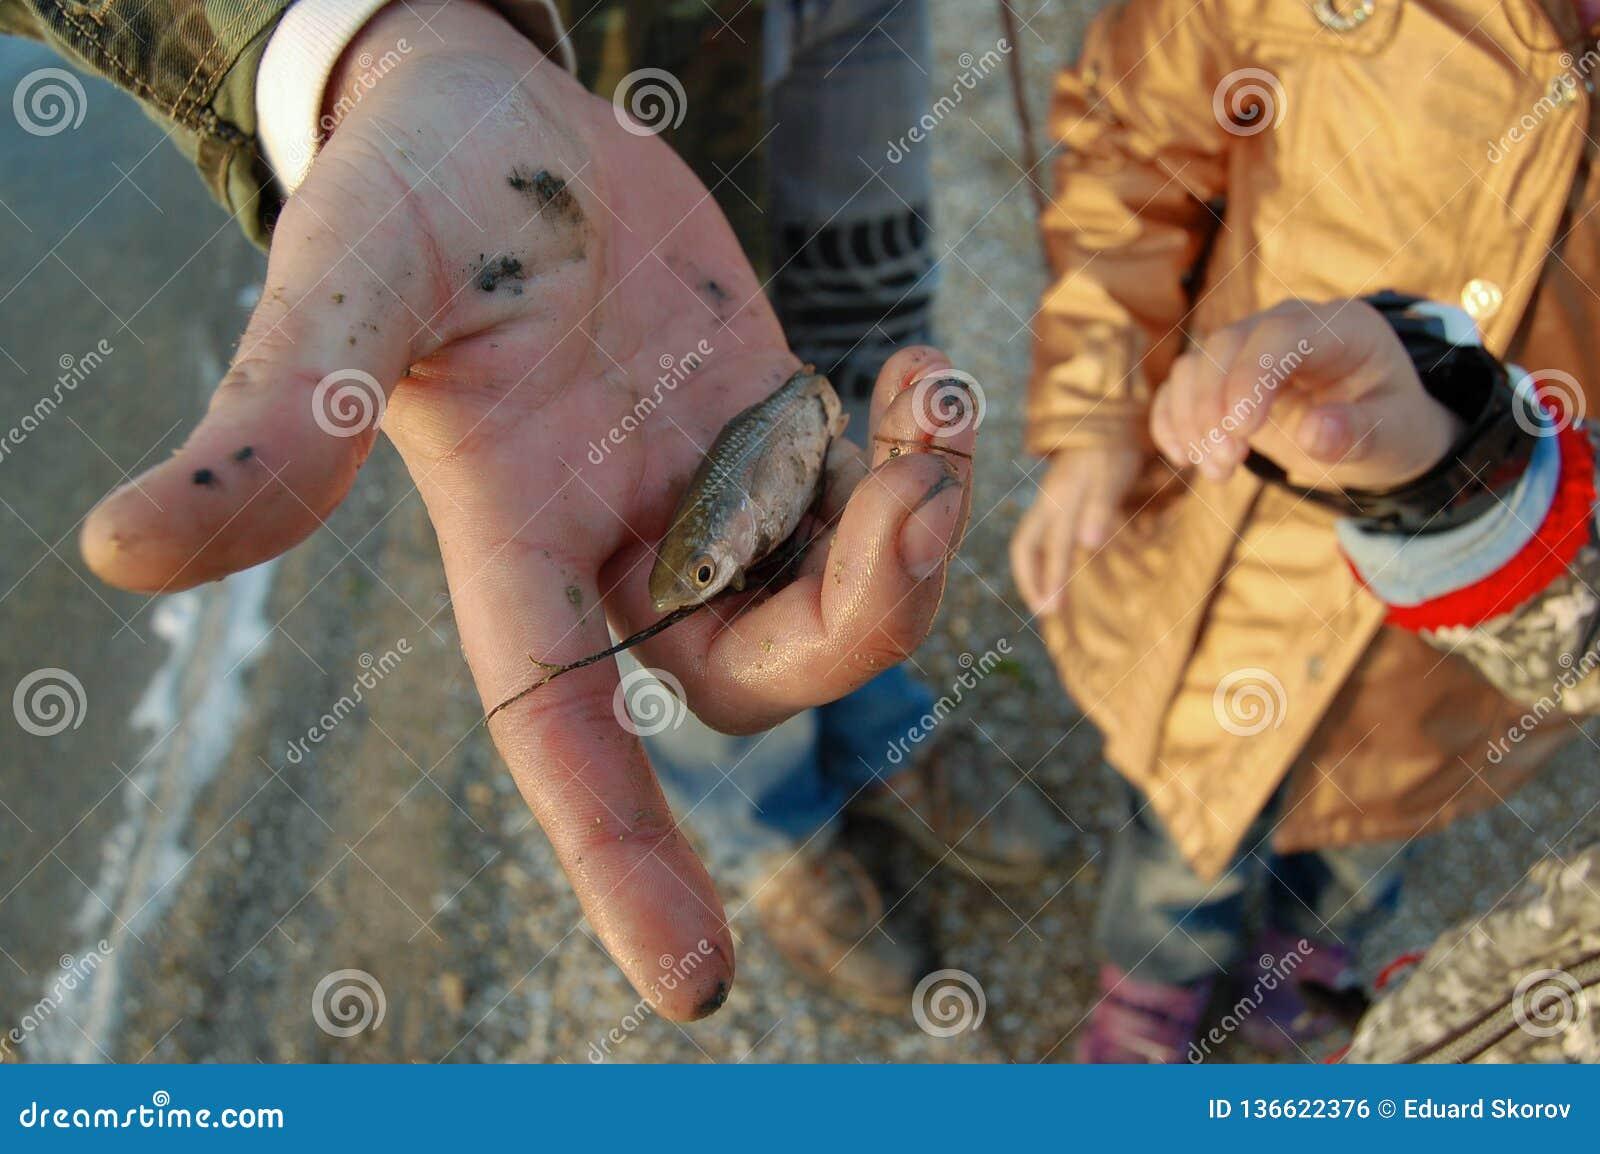 Ojciec pokazuje dzieciom małej ryby